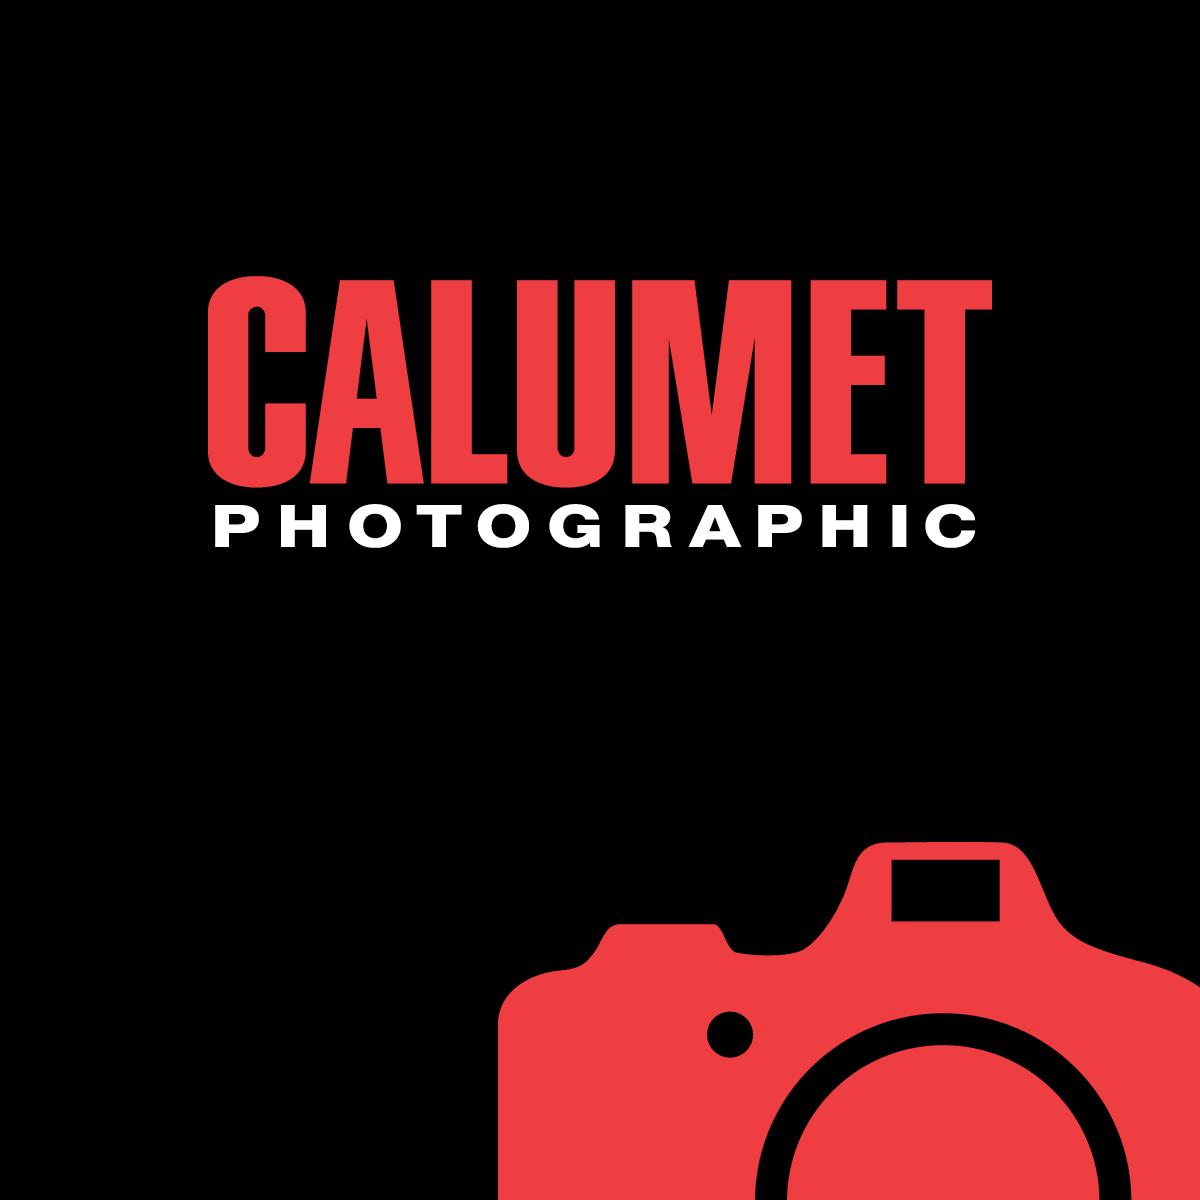 CALUMET PHOTOGRAPHIC, INC.